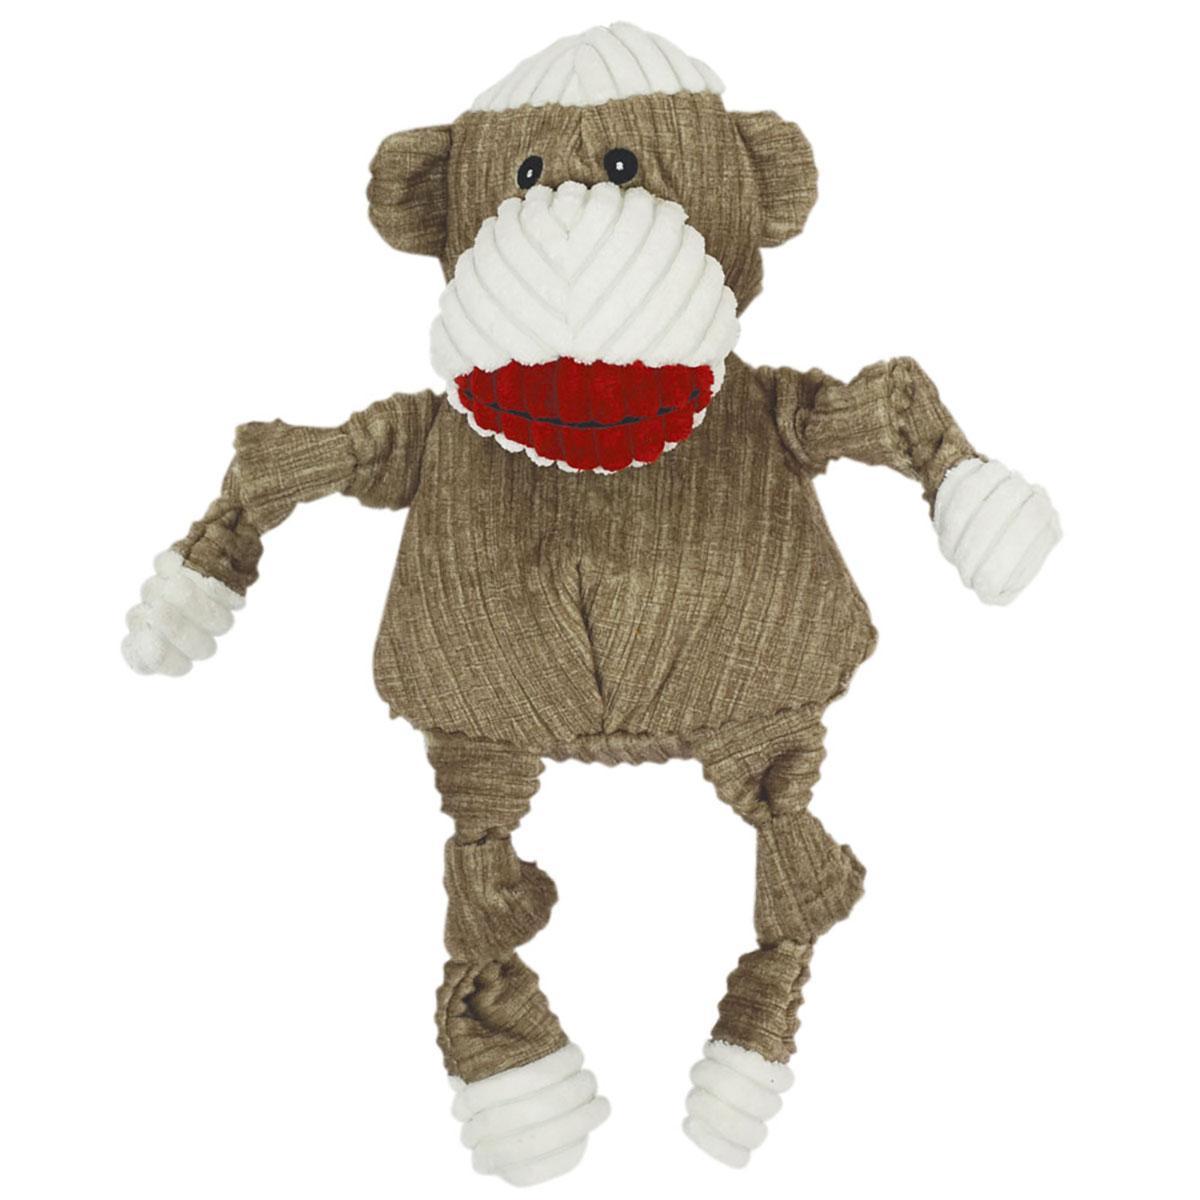 HuggleHounds Knottie Dog Toy - Sock Monkey